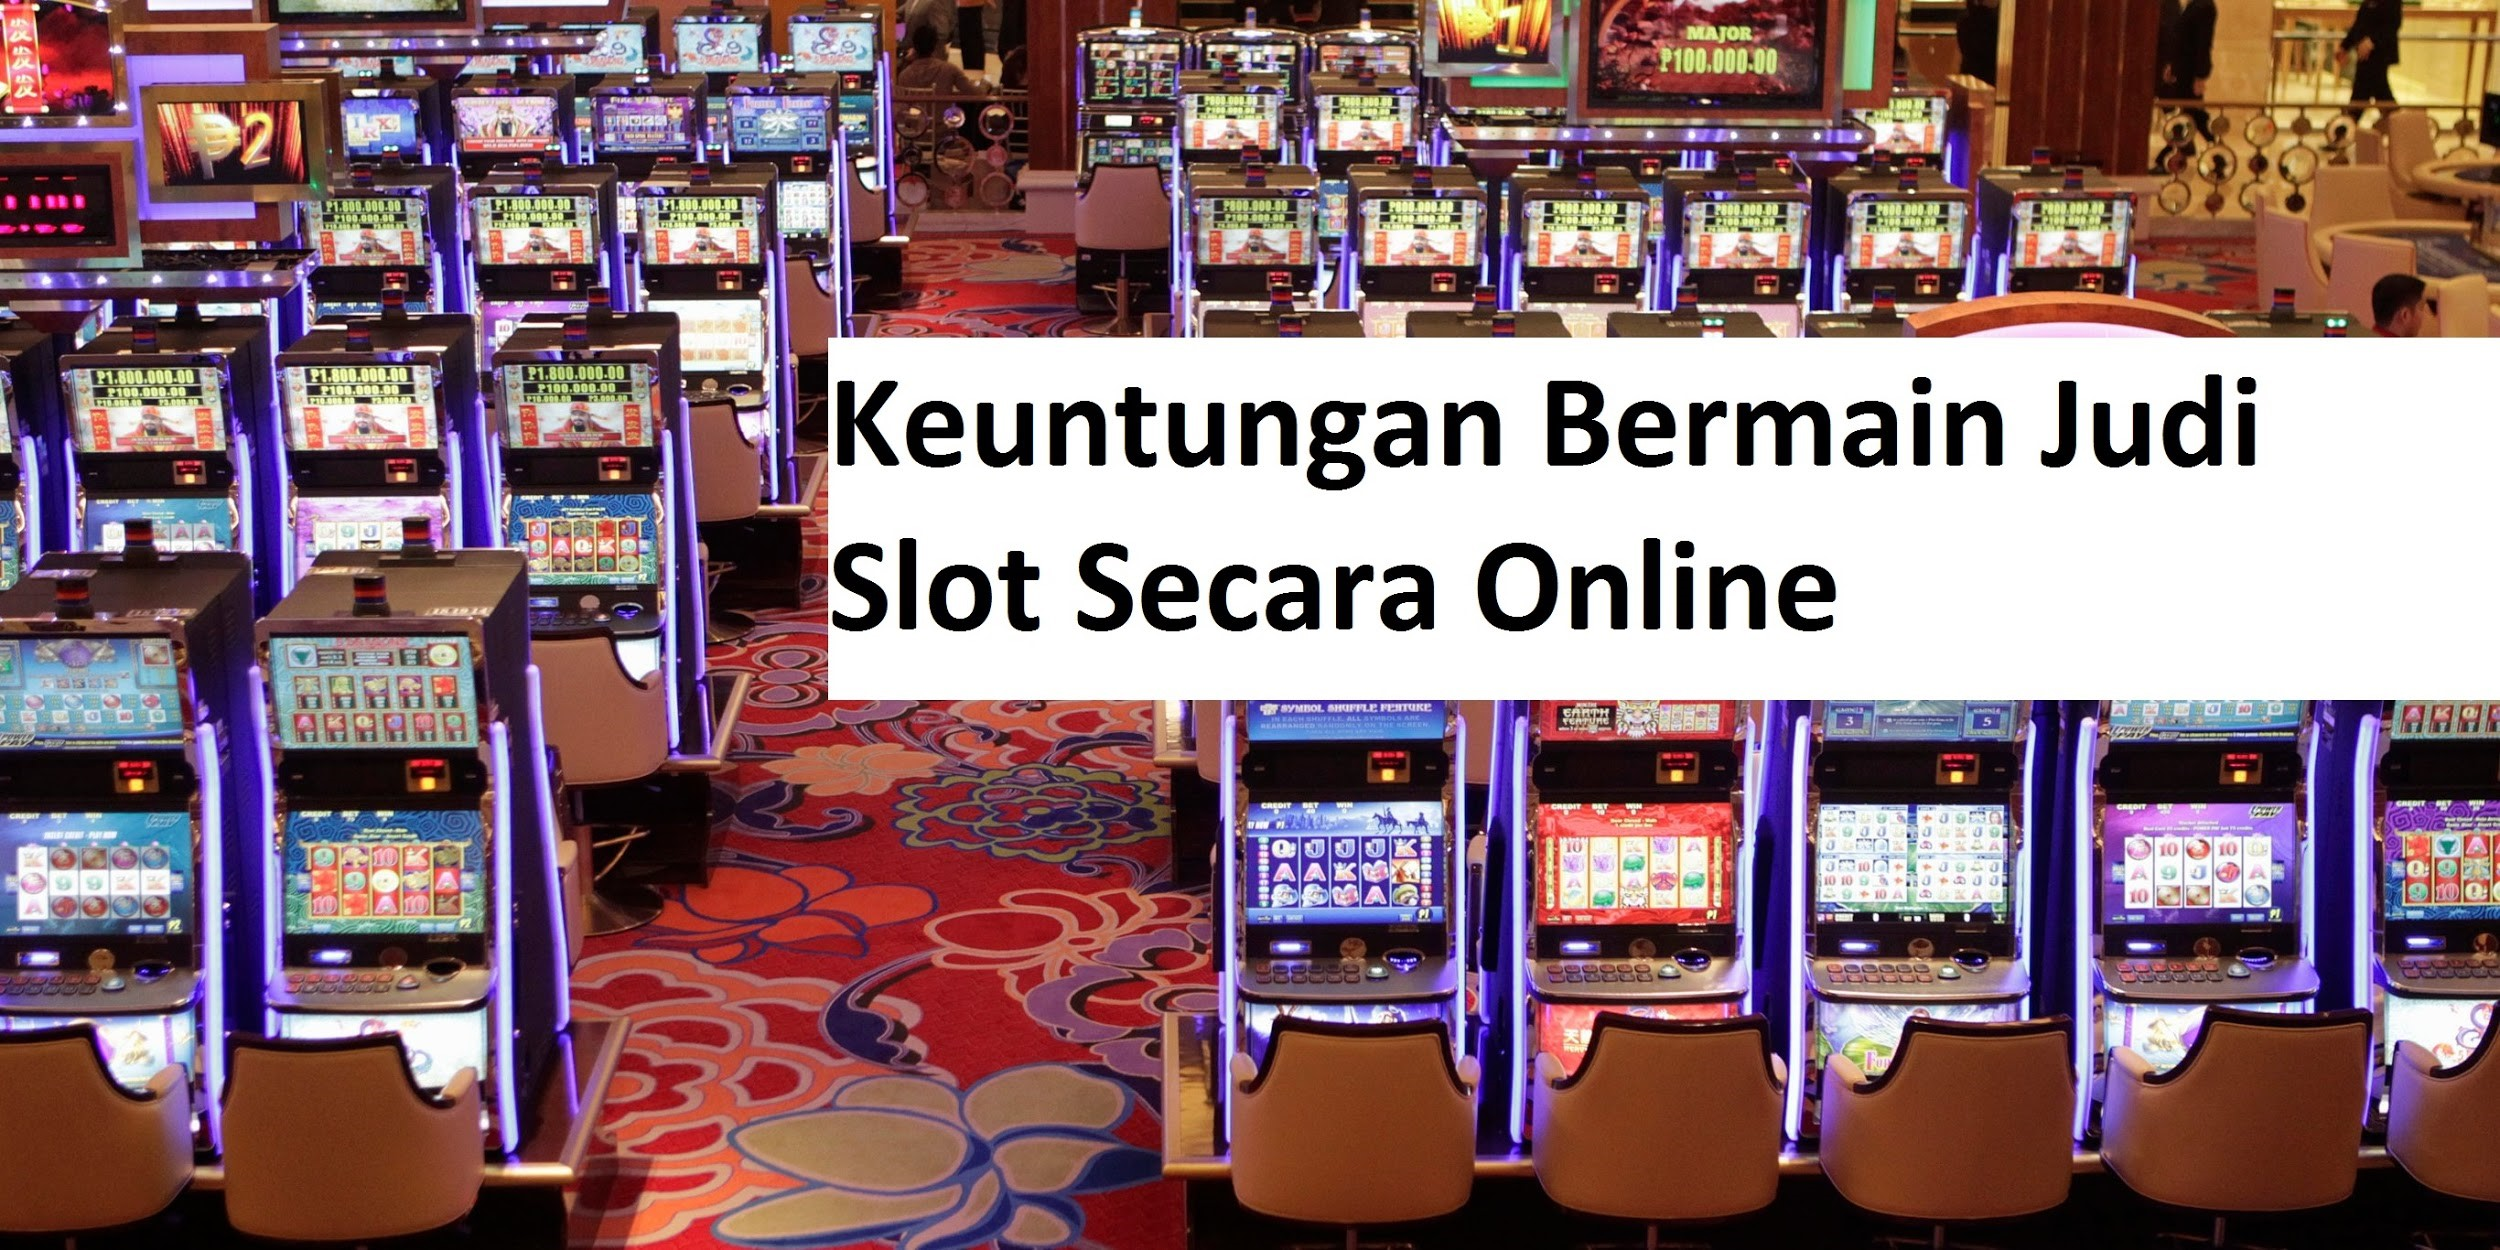 Keuntungan Bermain Judi Slot Secara Online